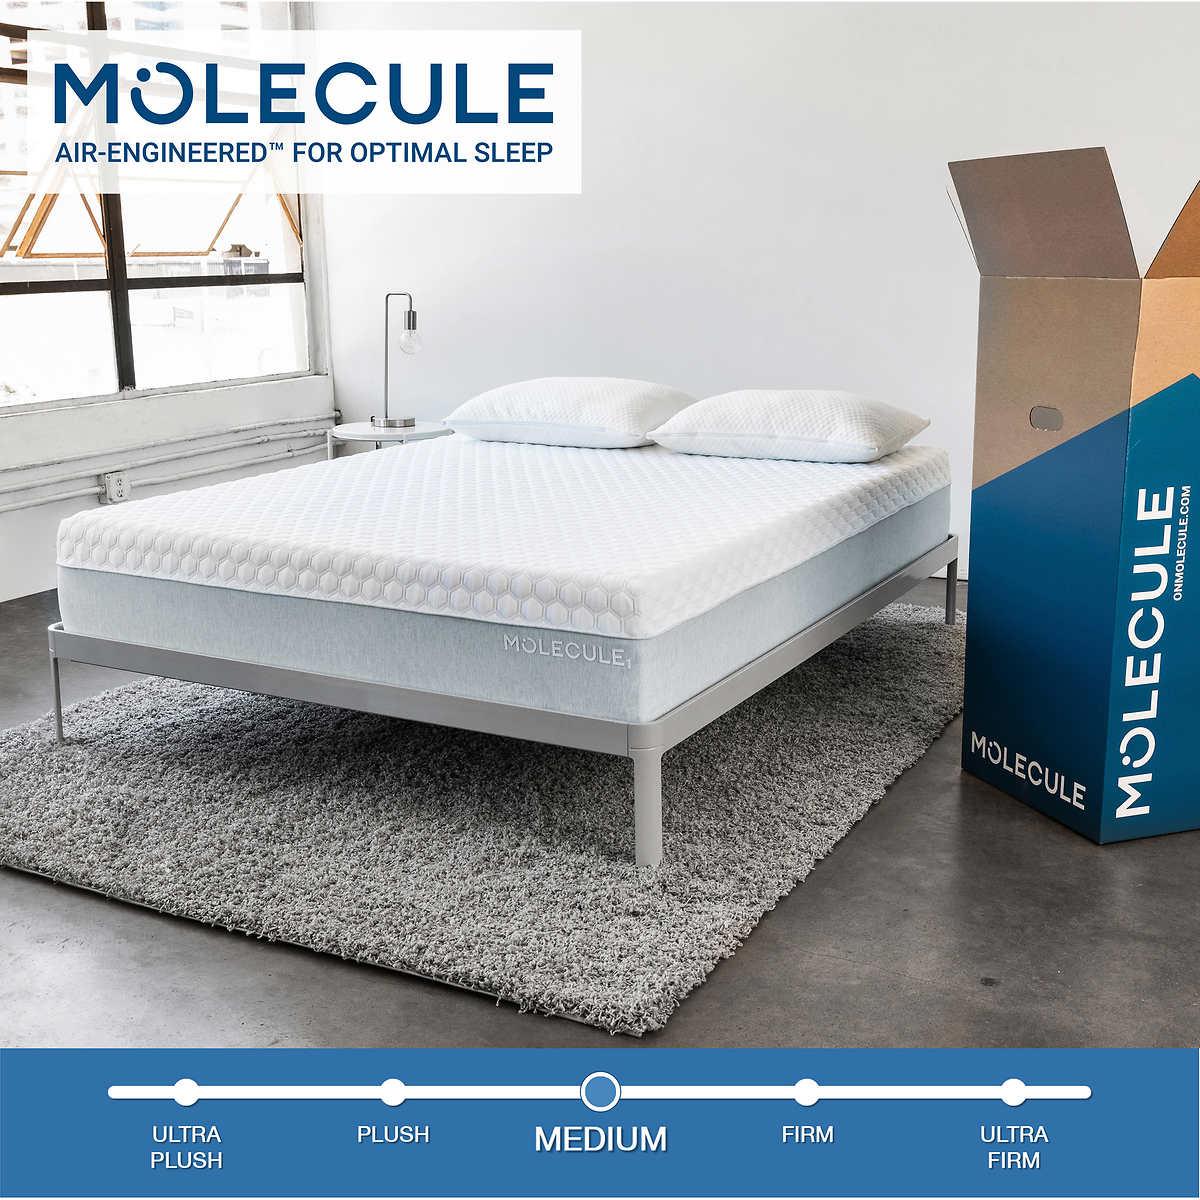 Molecule 1 Air Engineered 12 Memory Foam Queen Mattress